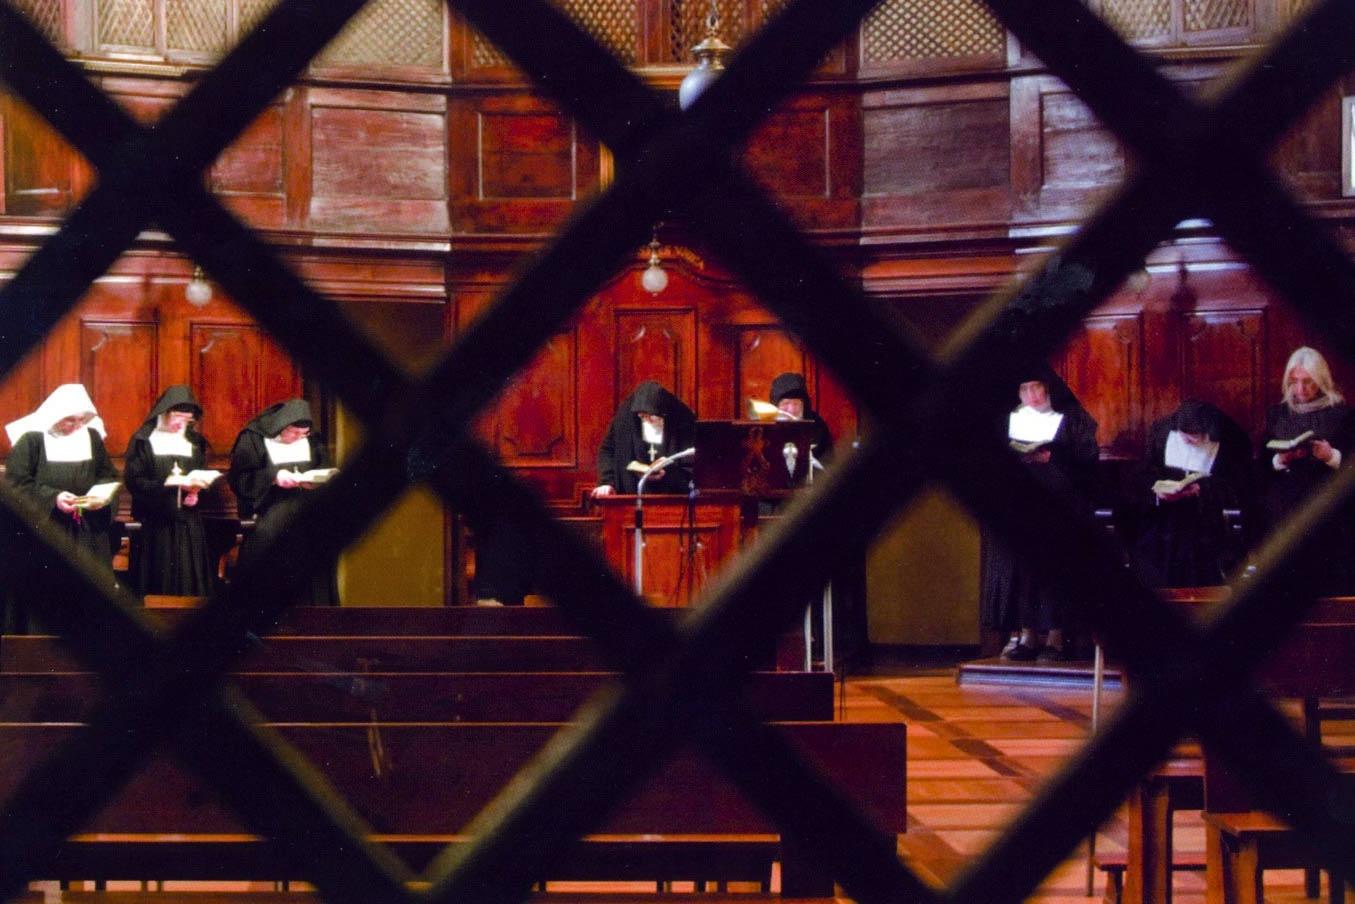 monastero-milano-03 Cropped